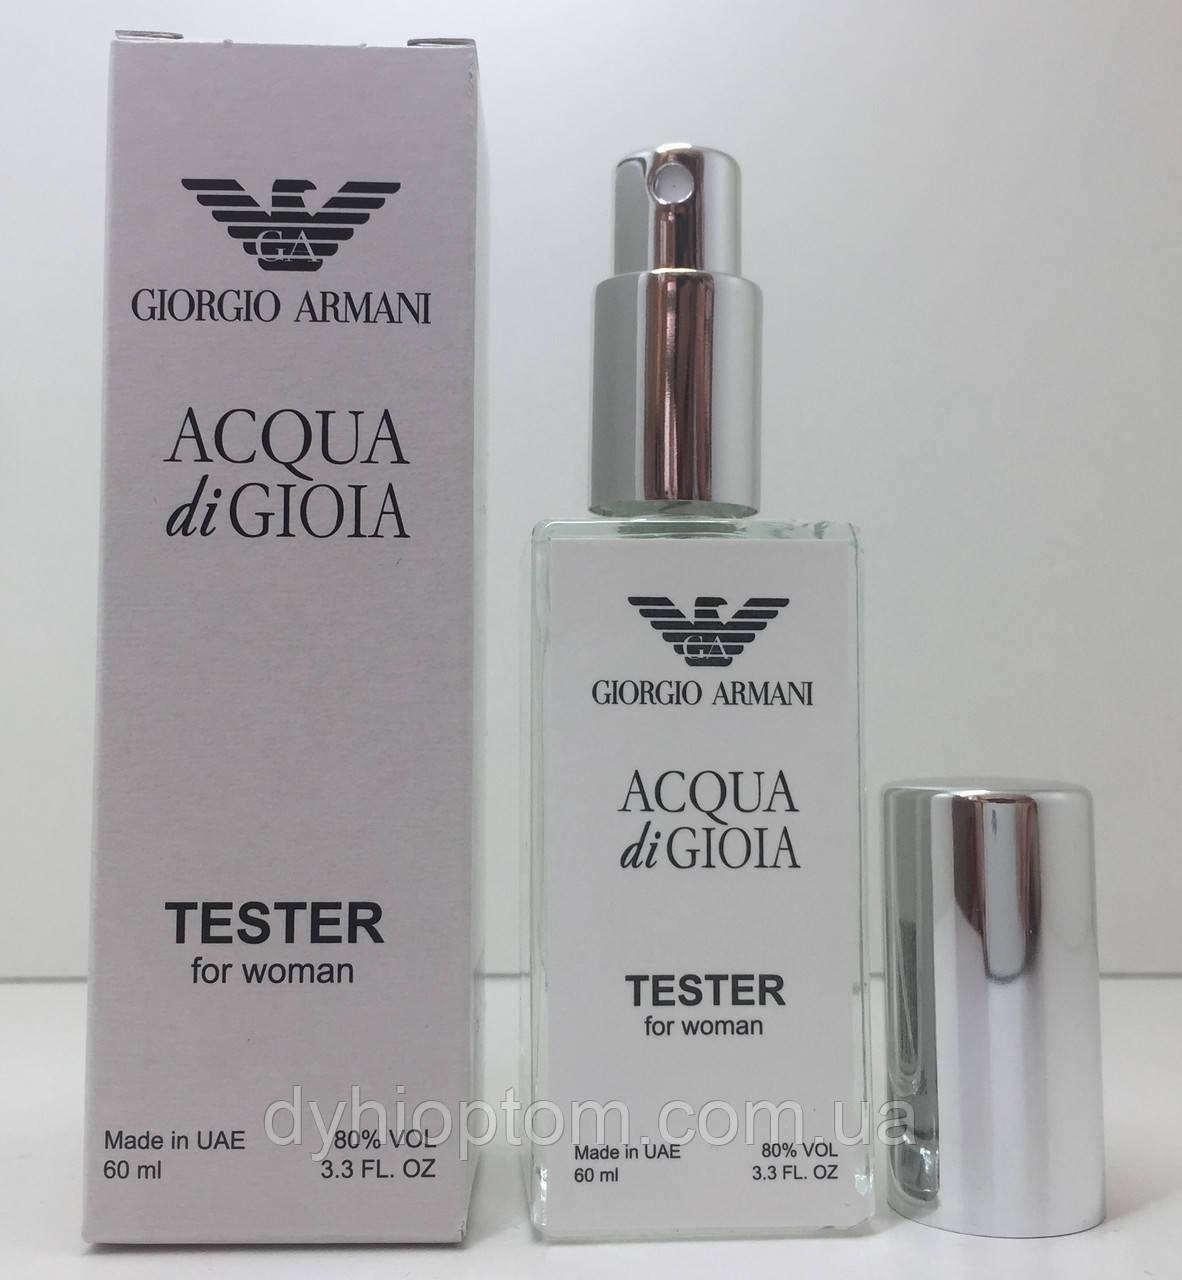 Тестер женский Giorgio Armani Acqua di Gioia (Джиорджио Армани Аква ди Джиола) 60 мл